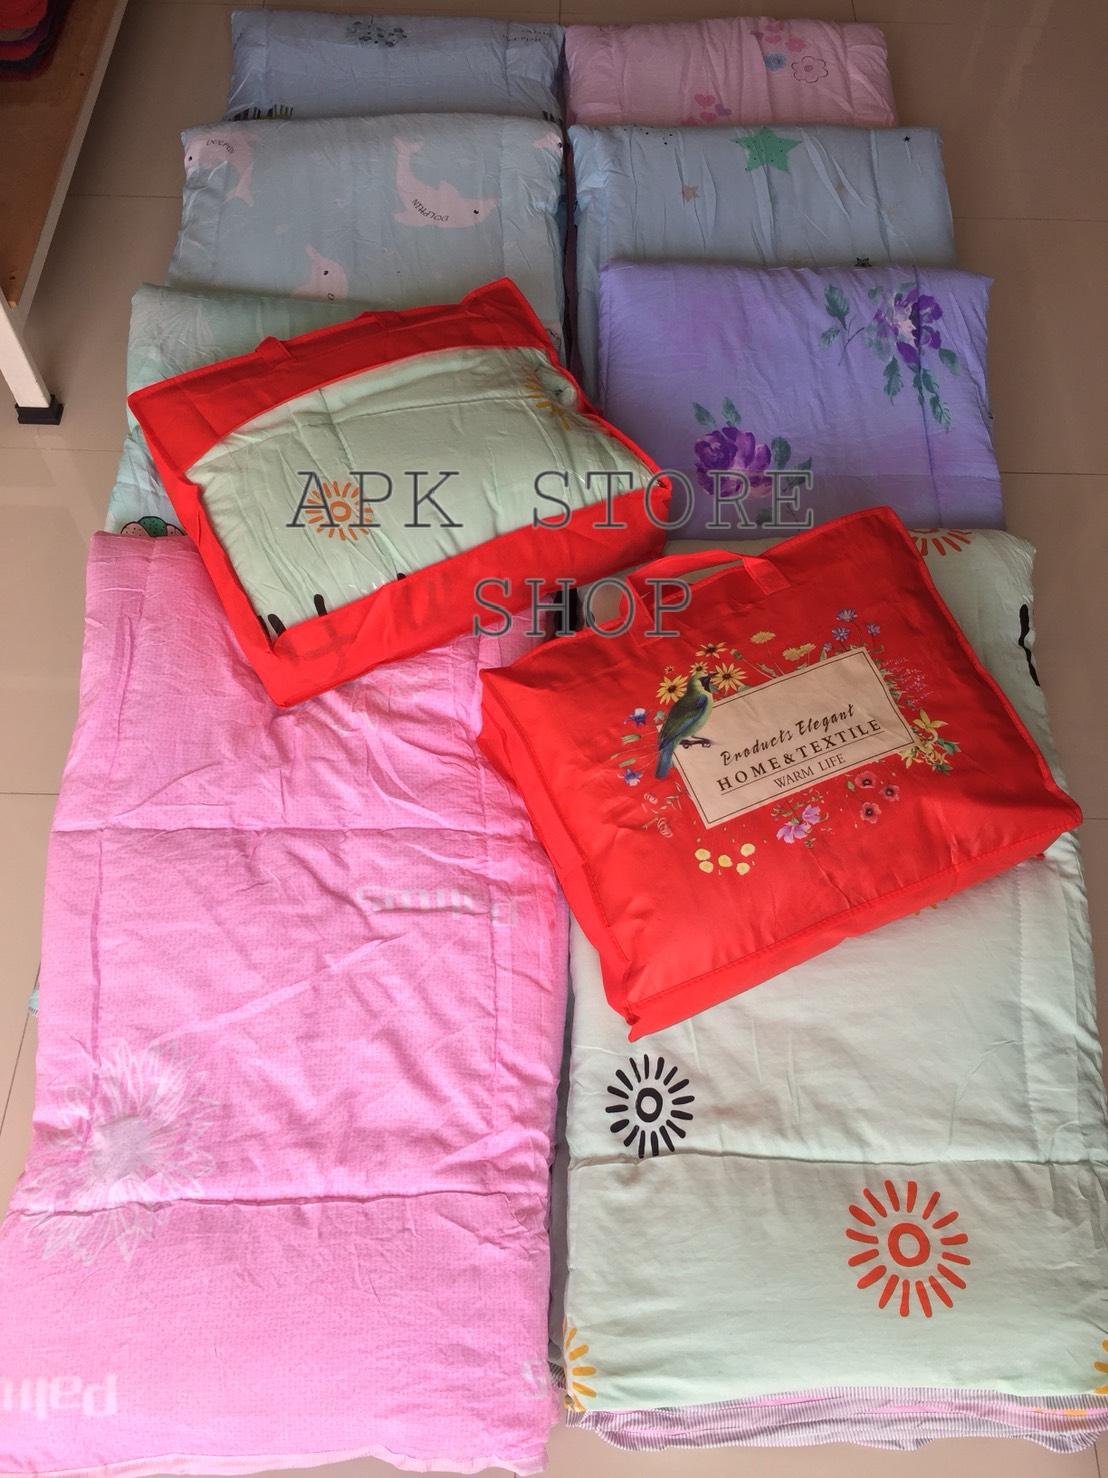 ขายส่ง ผ้าห่มนวม กุ๊นขอบ รุ่น#AA ส่ง 230 บาท